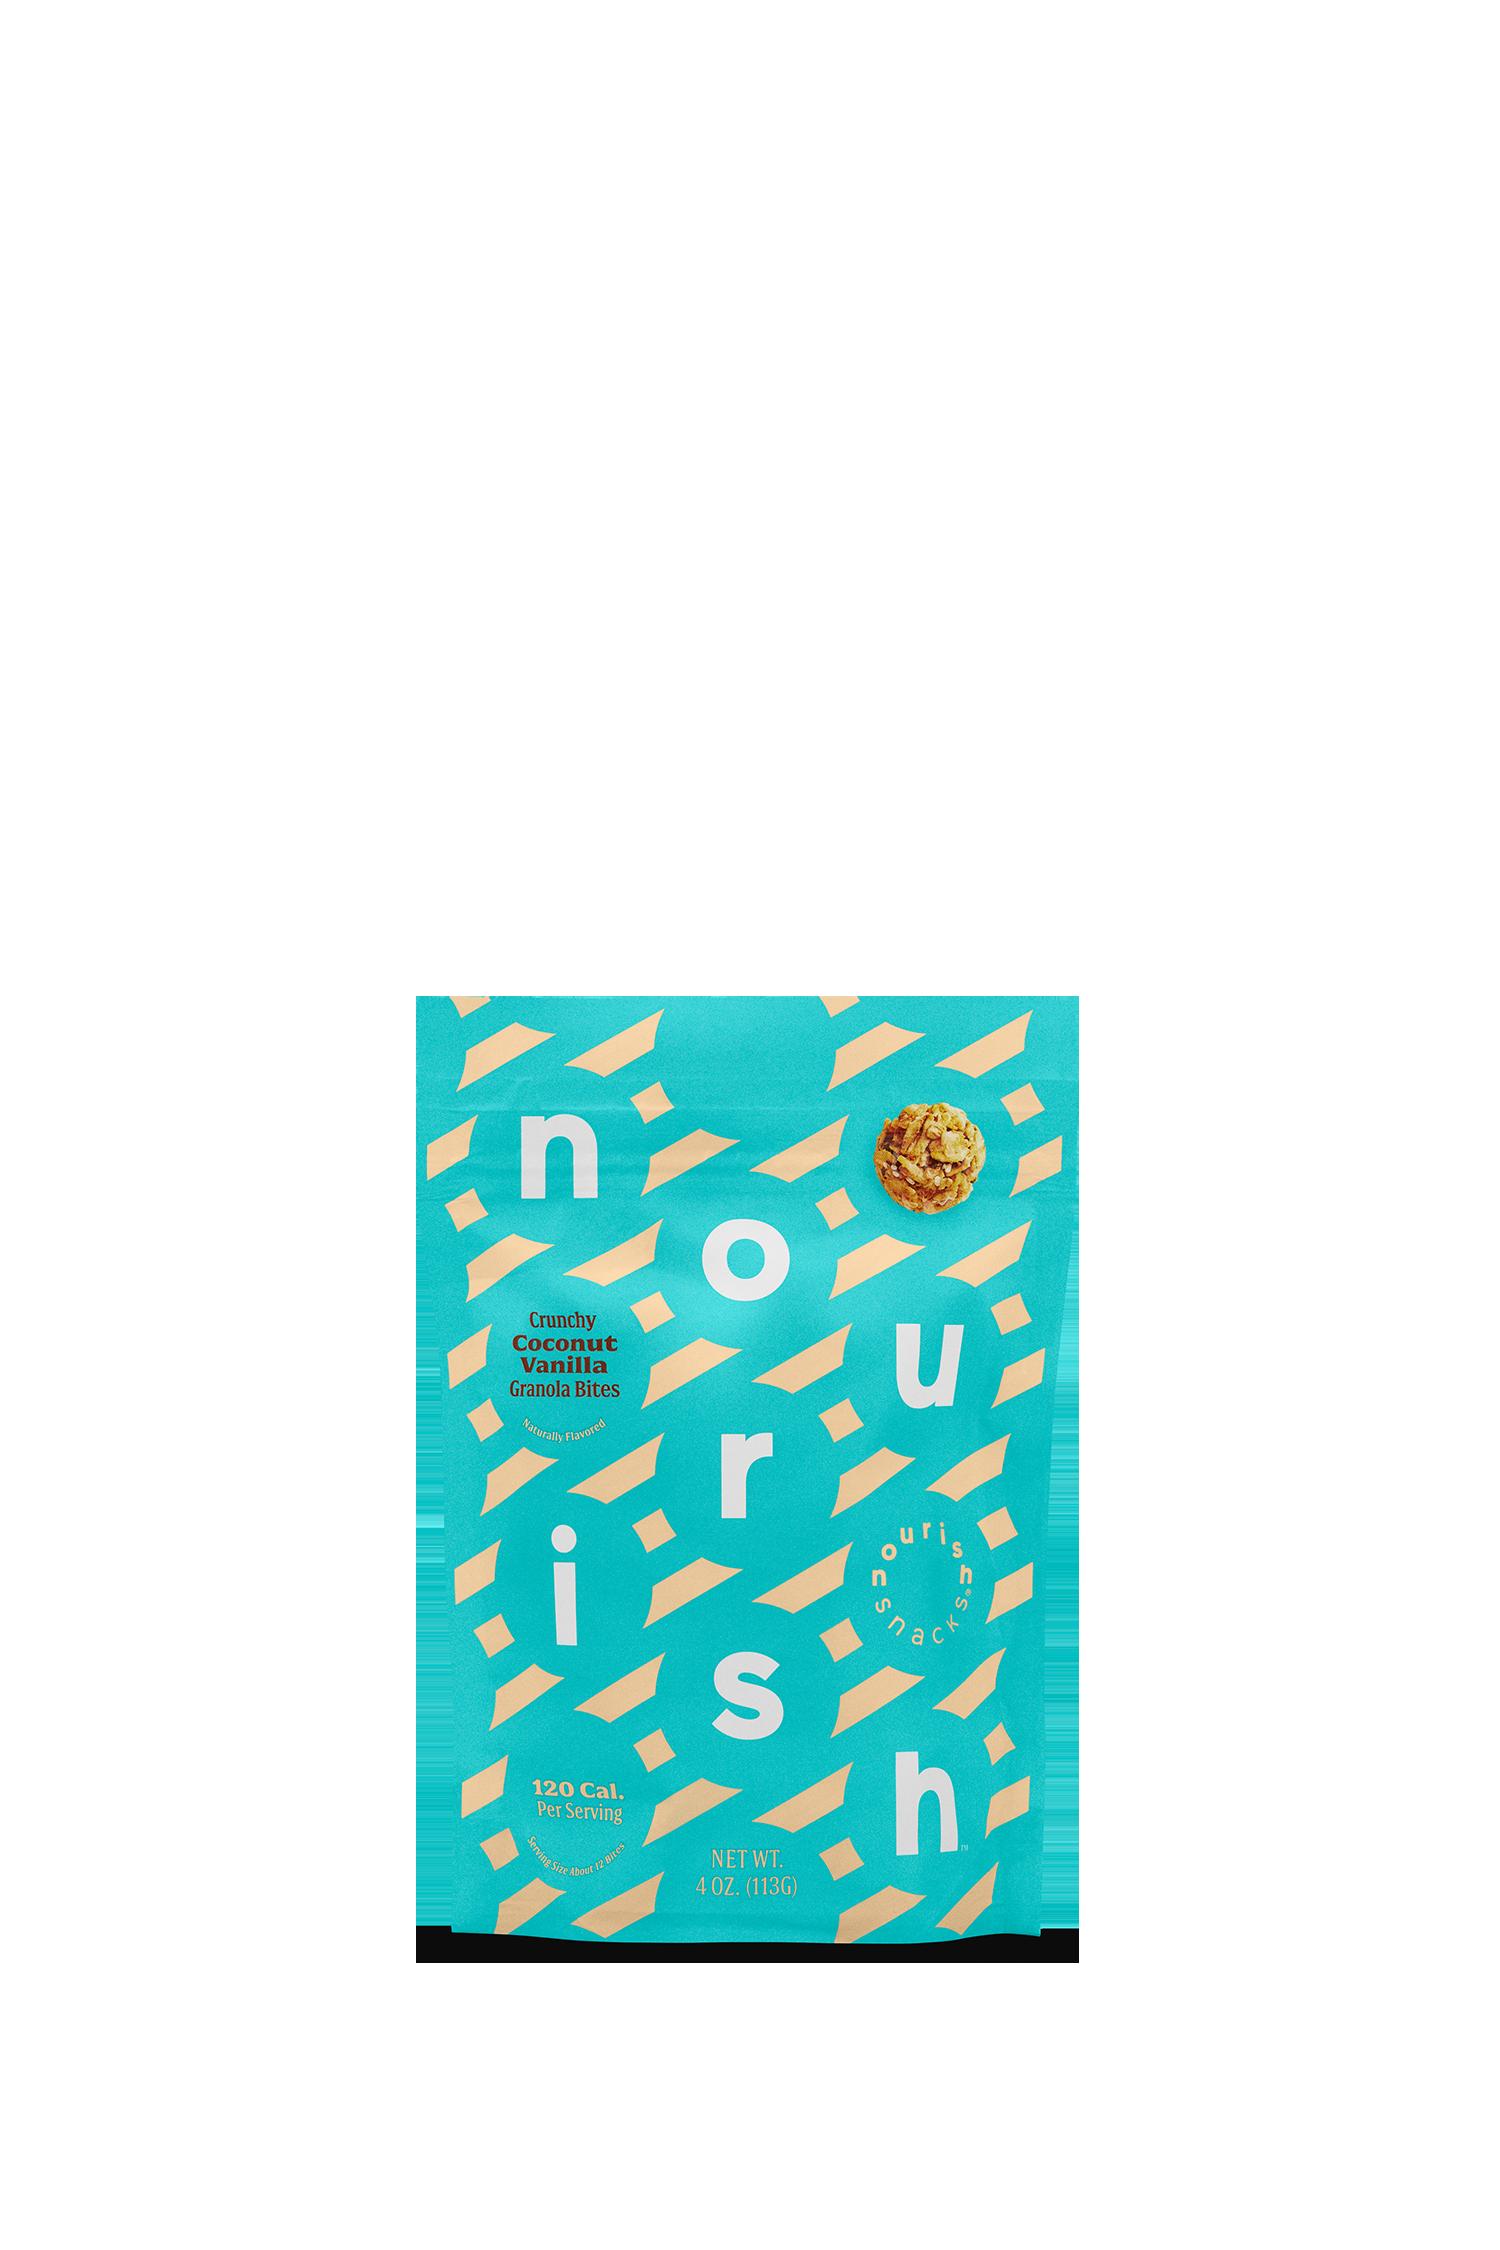 Nourish Snacks: Granola Bites